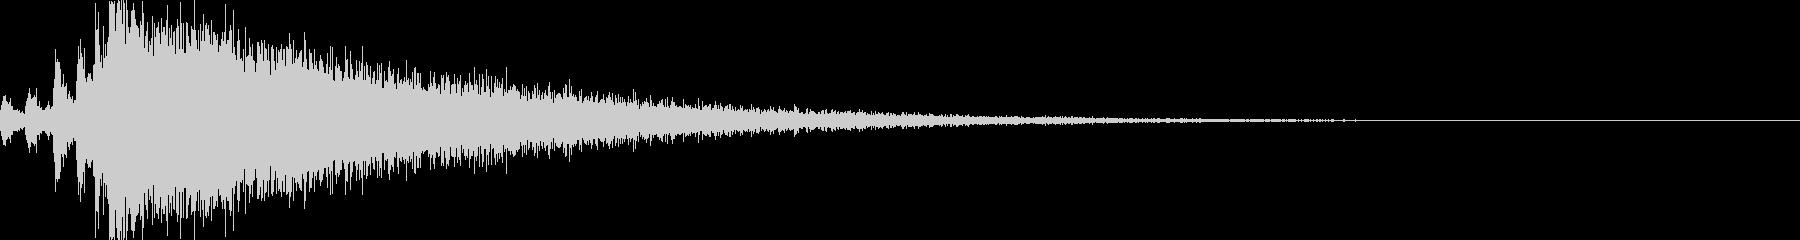 紹介、発表する時に使うドラムロール_02の未再生の波形